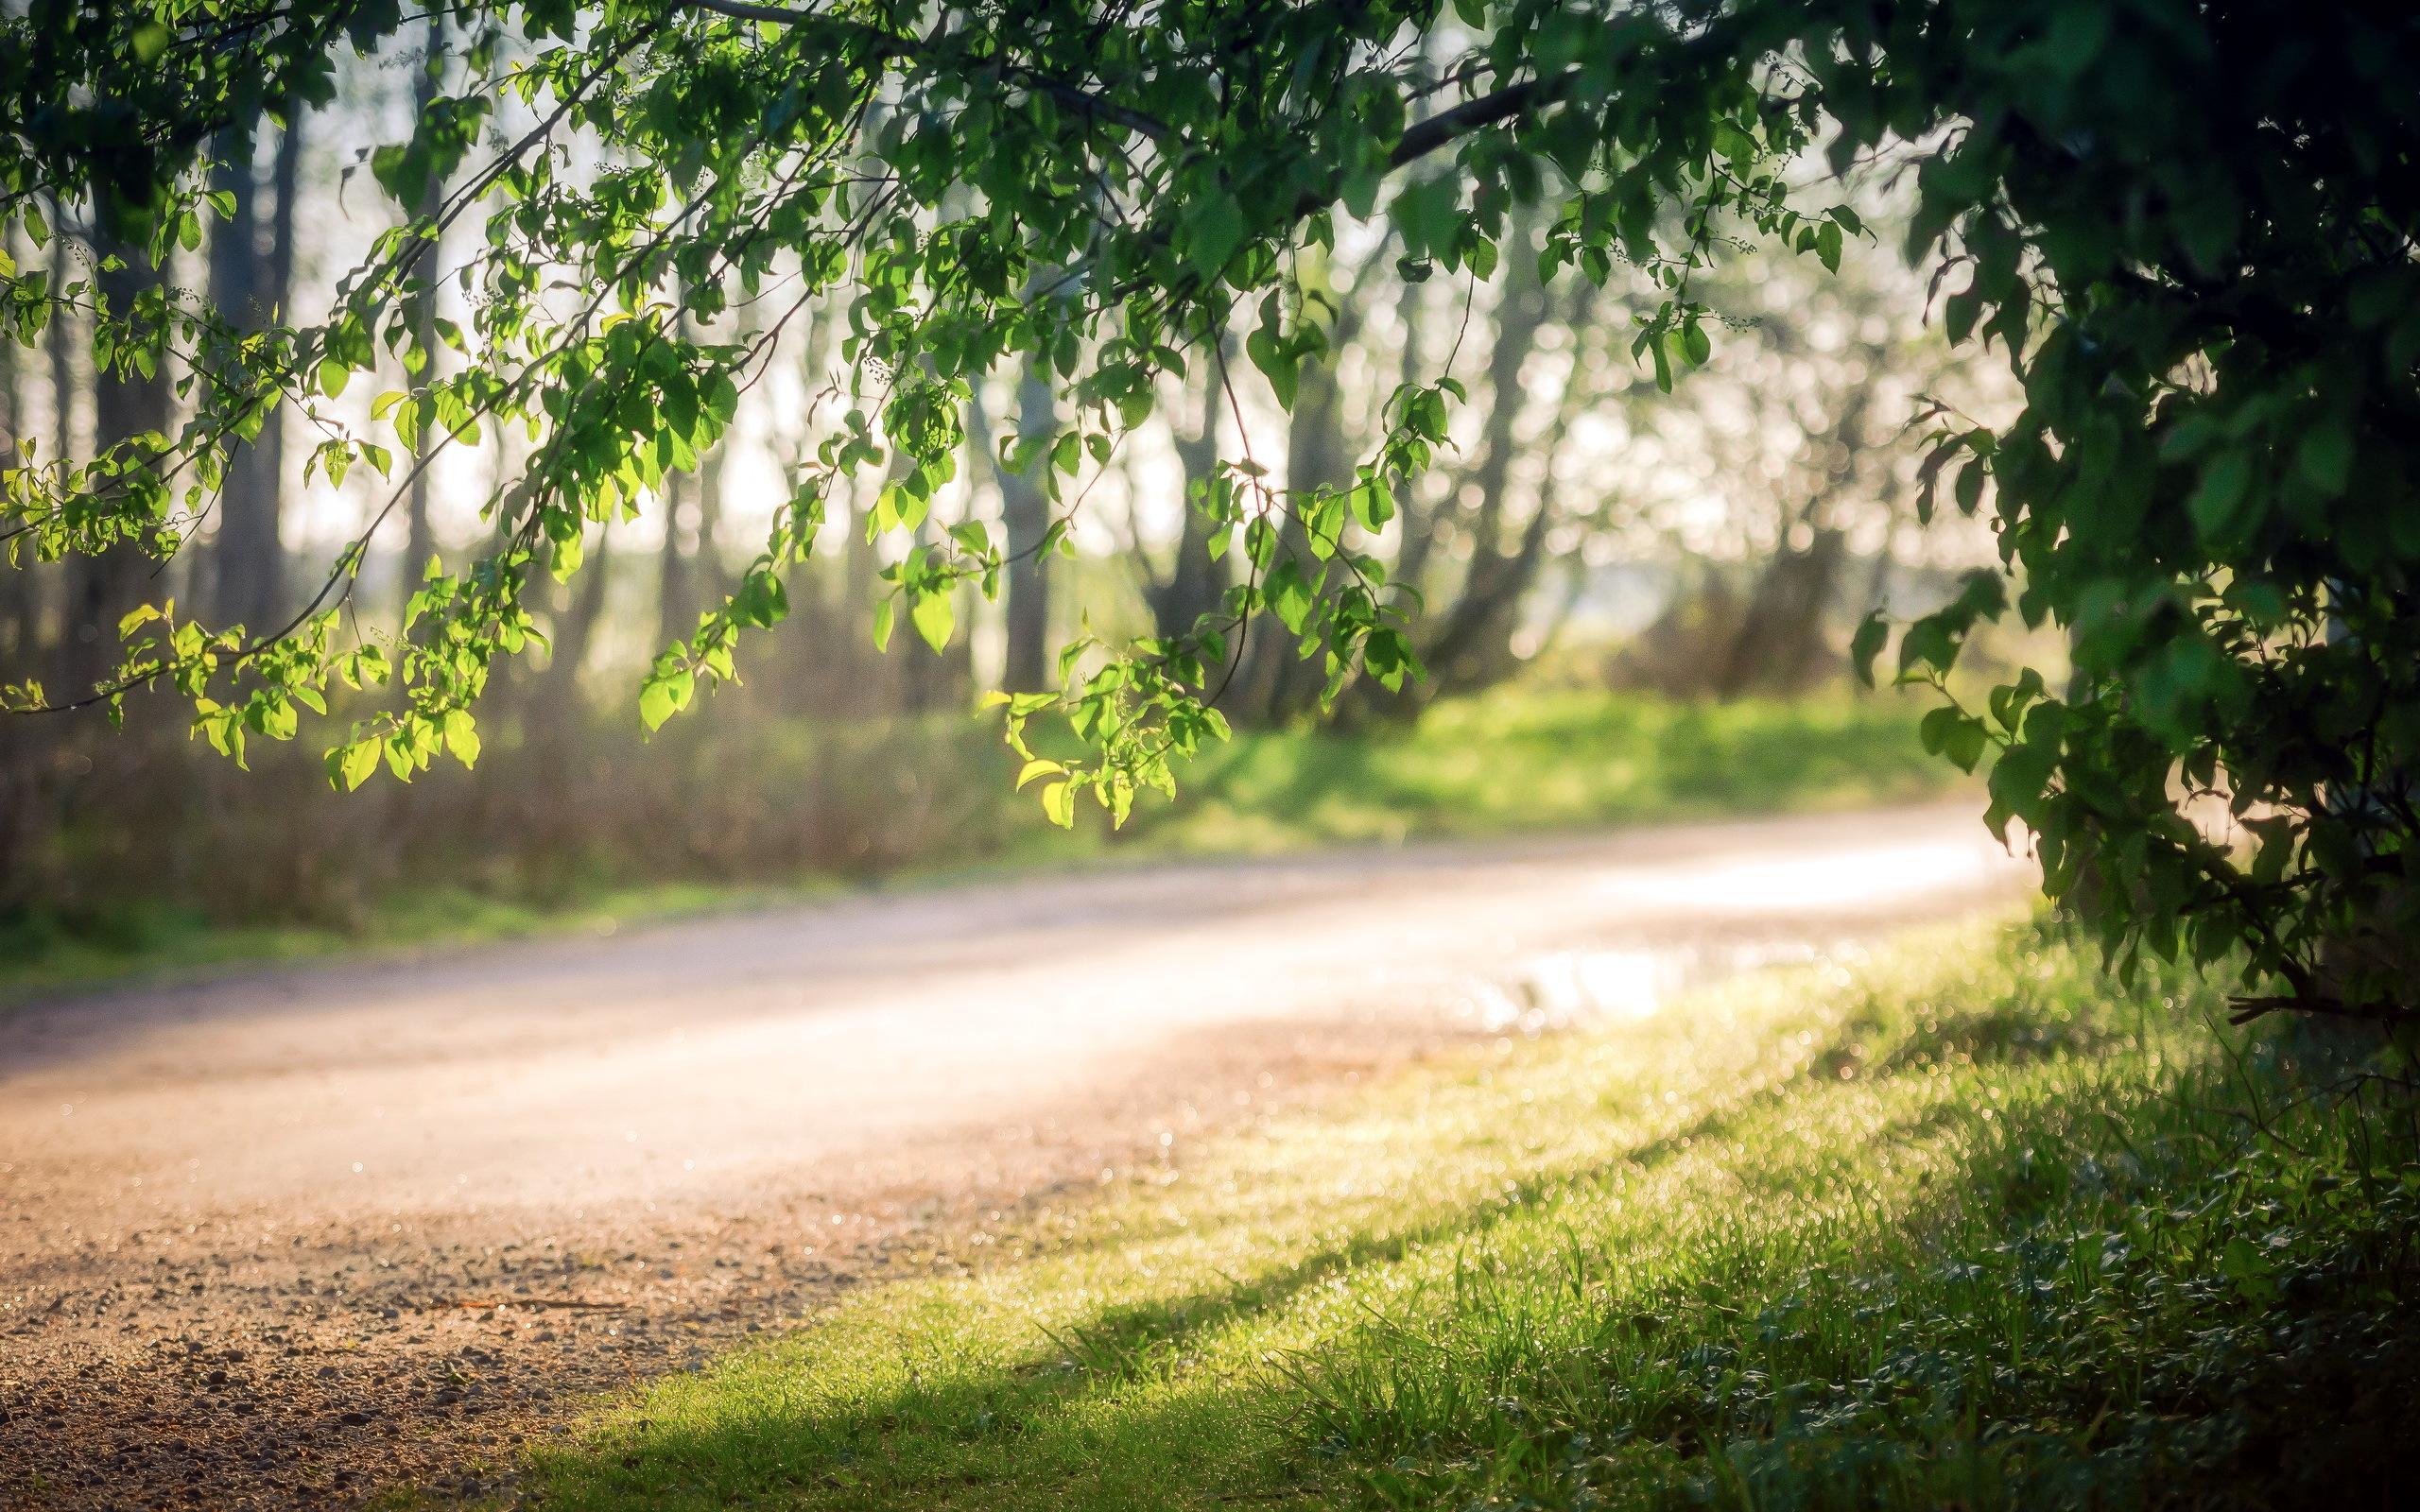 дорога, солнце, трава, деревья  № 3117779 бесплатно